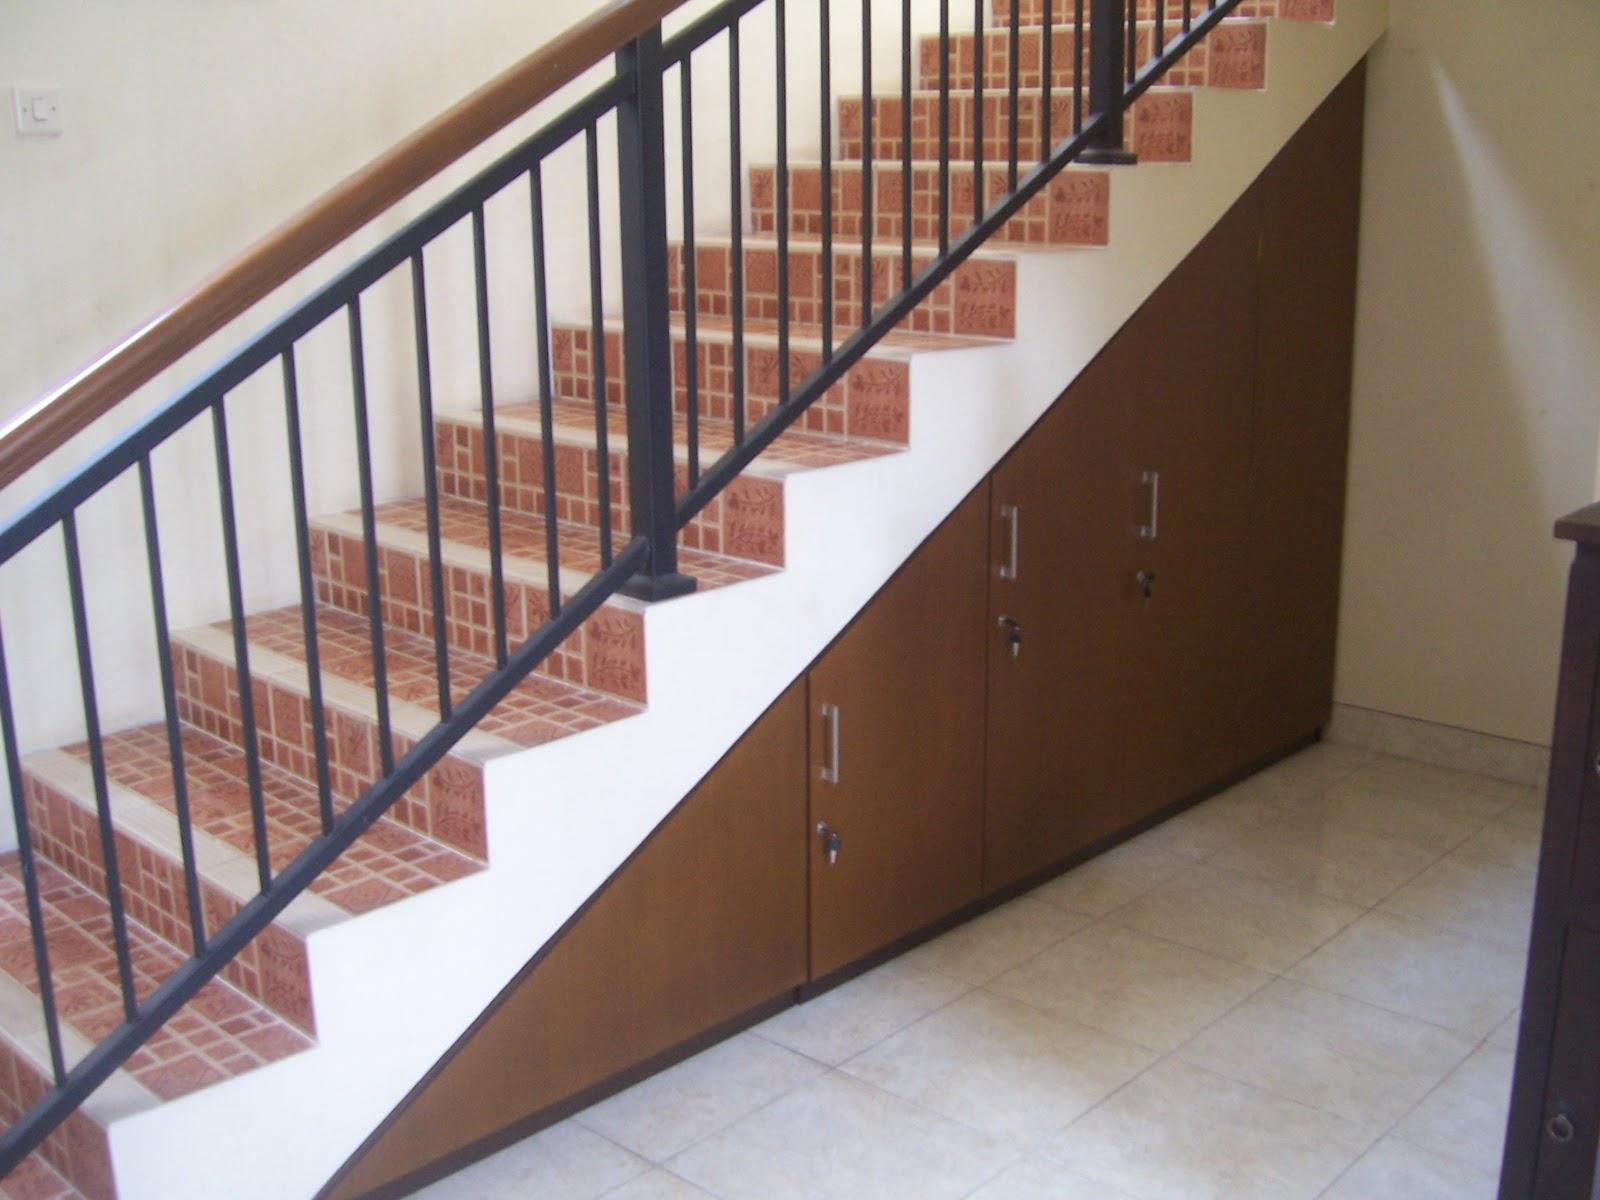 reling tangga minimalis, bengkel las, pagar rumah minimalis, usaha bengkel las, canopy rumah minimalis